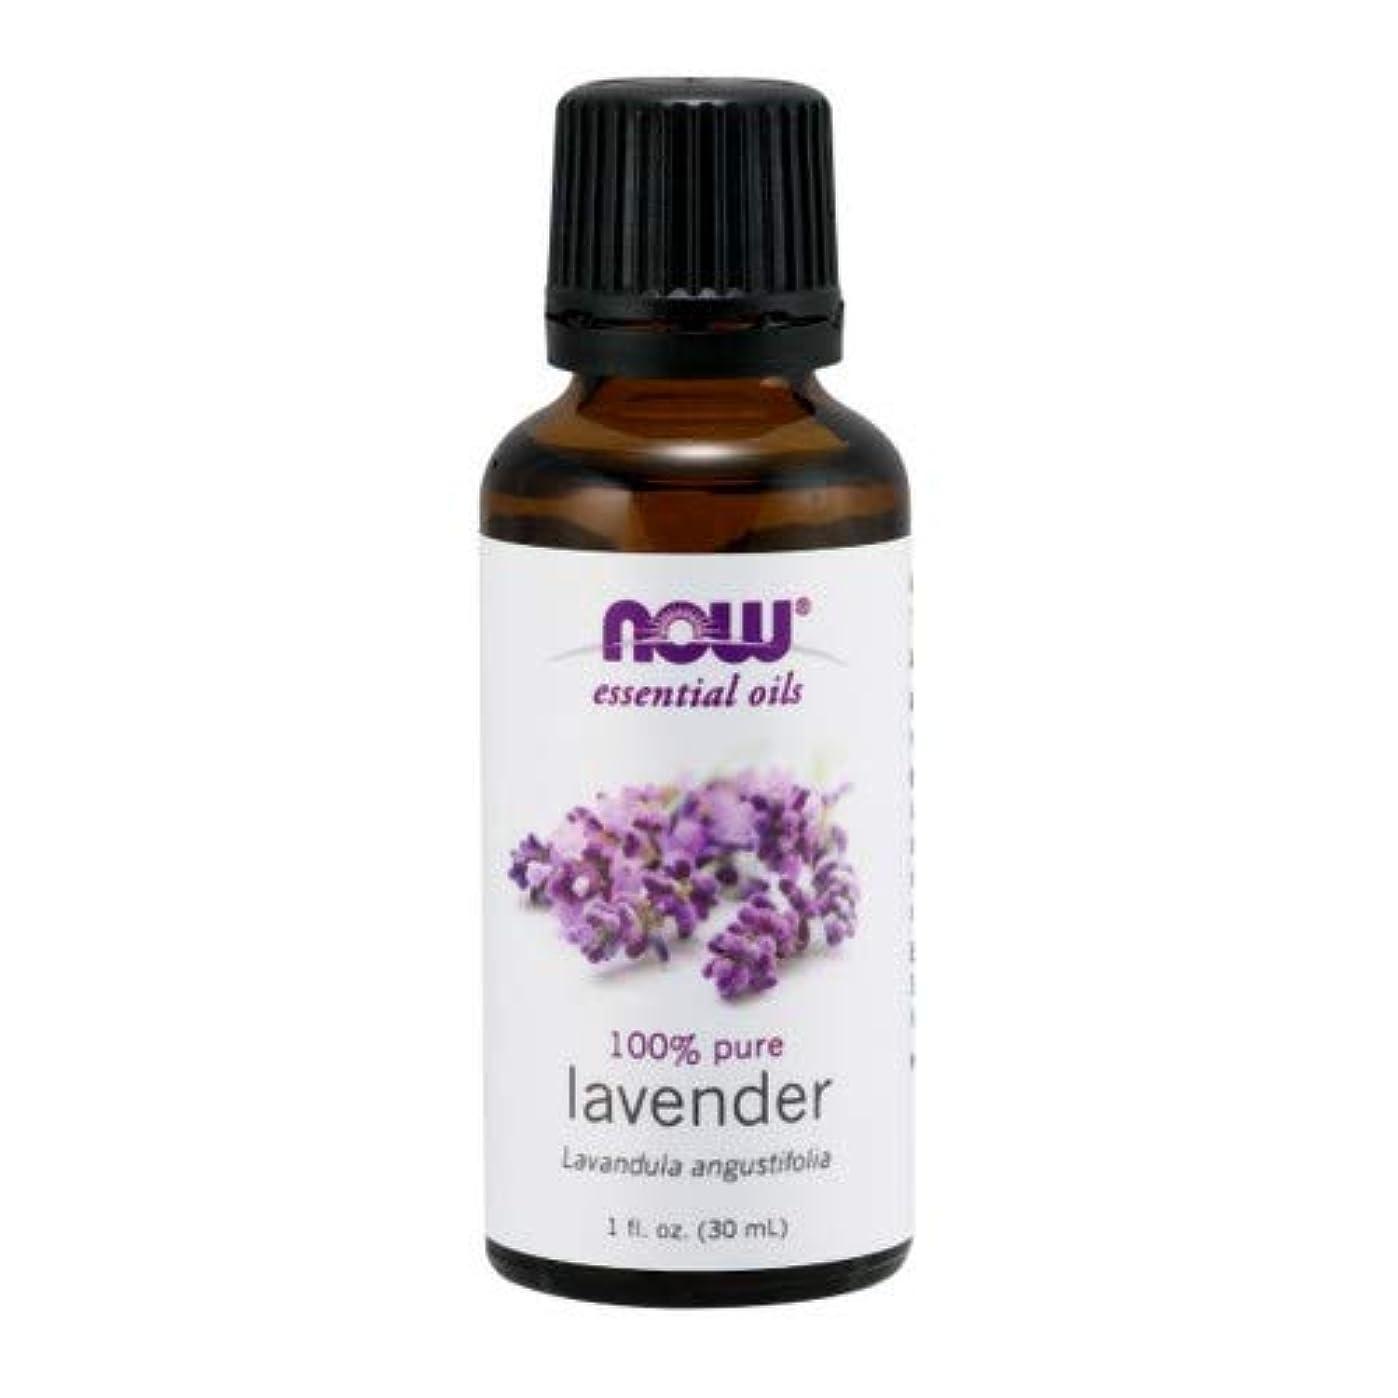 啓示抑制洪水エッセンシャルオイル ラベンダーオイル 30ml 2個セット ナウフーズ 並行輸入品 NOW Foods Essential Oils Lavender 1 oz Pack of 2